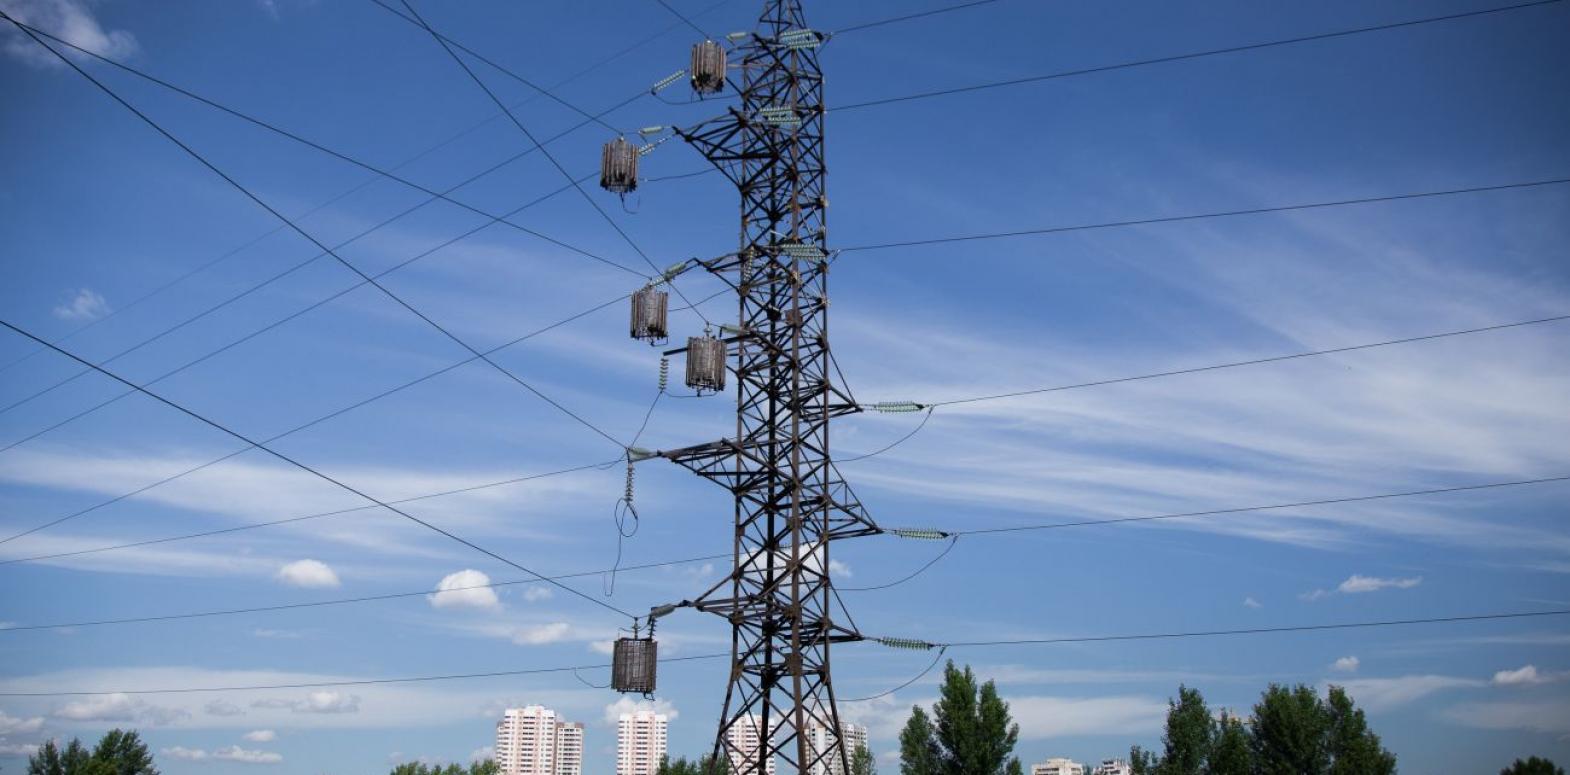 Спад потребления электроэнергии замедлился почти до нуля